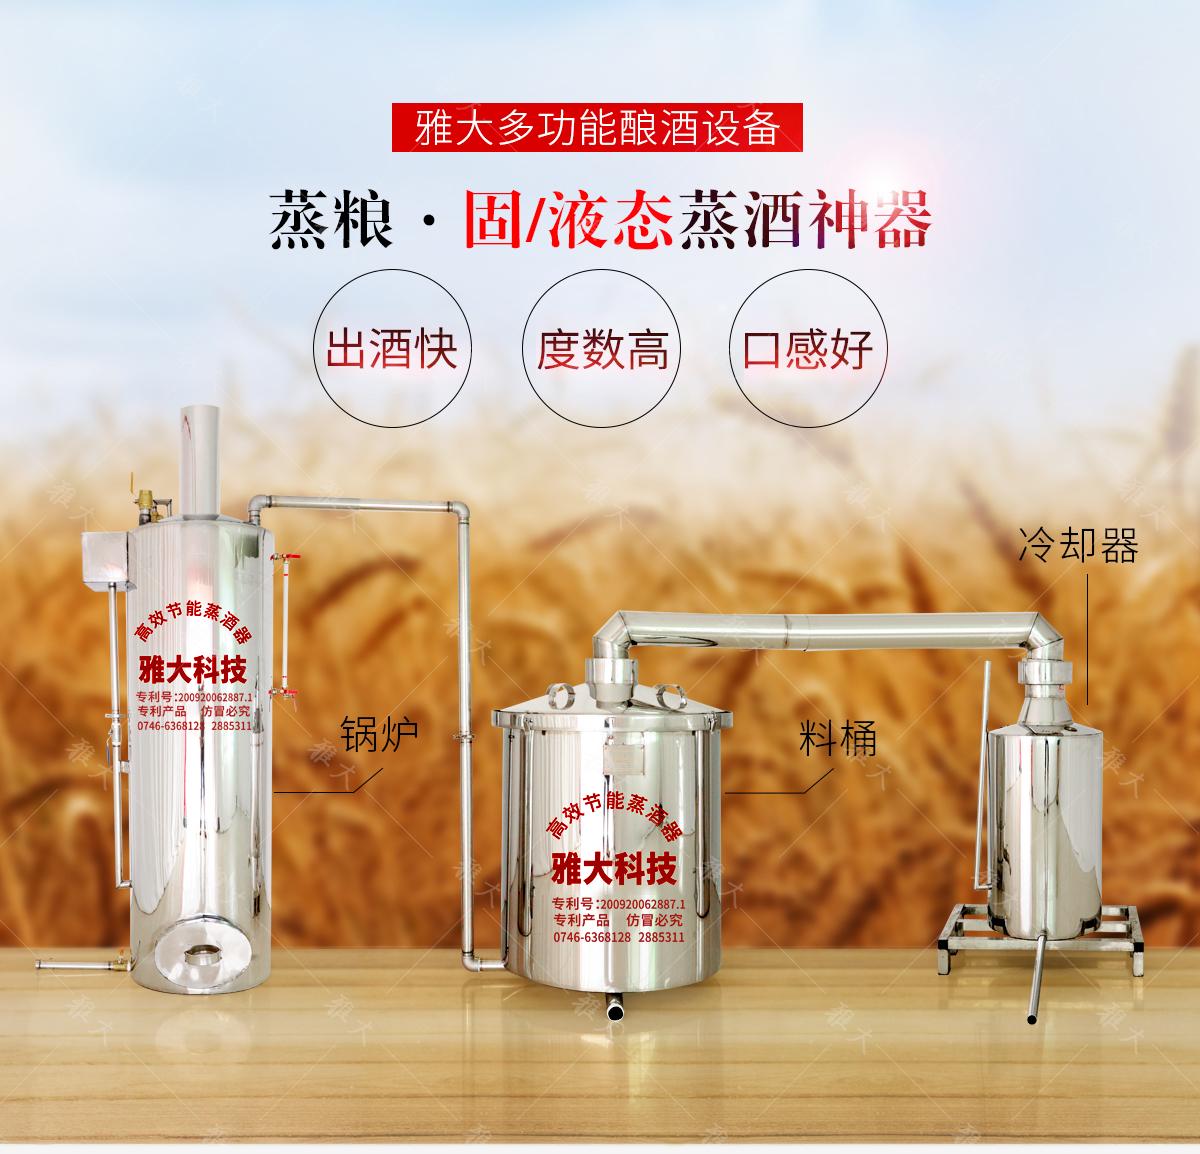 多功能新型酿酒设备pc_01